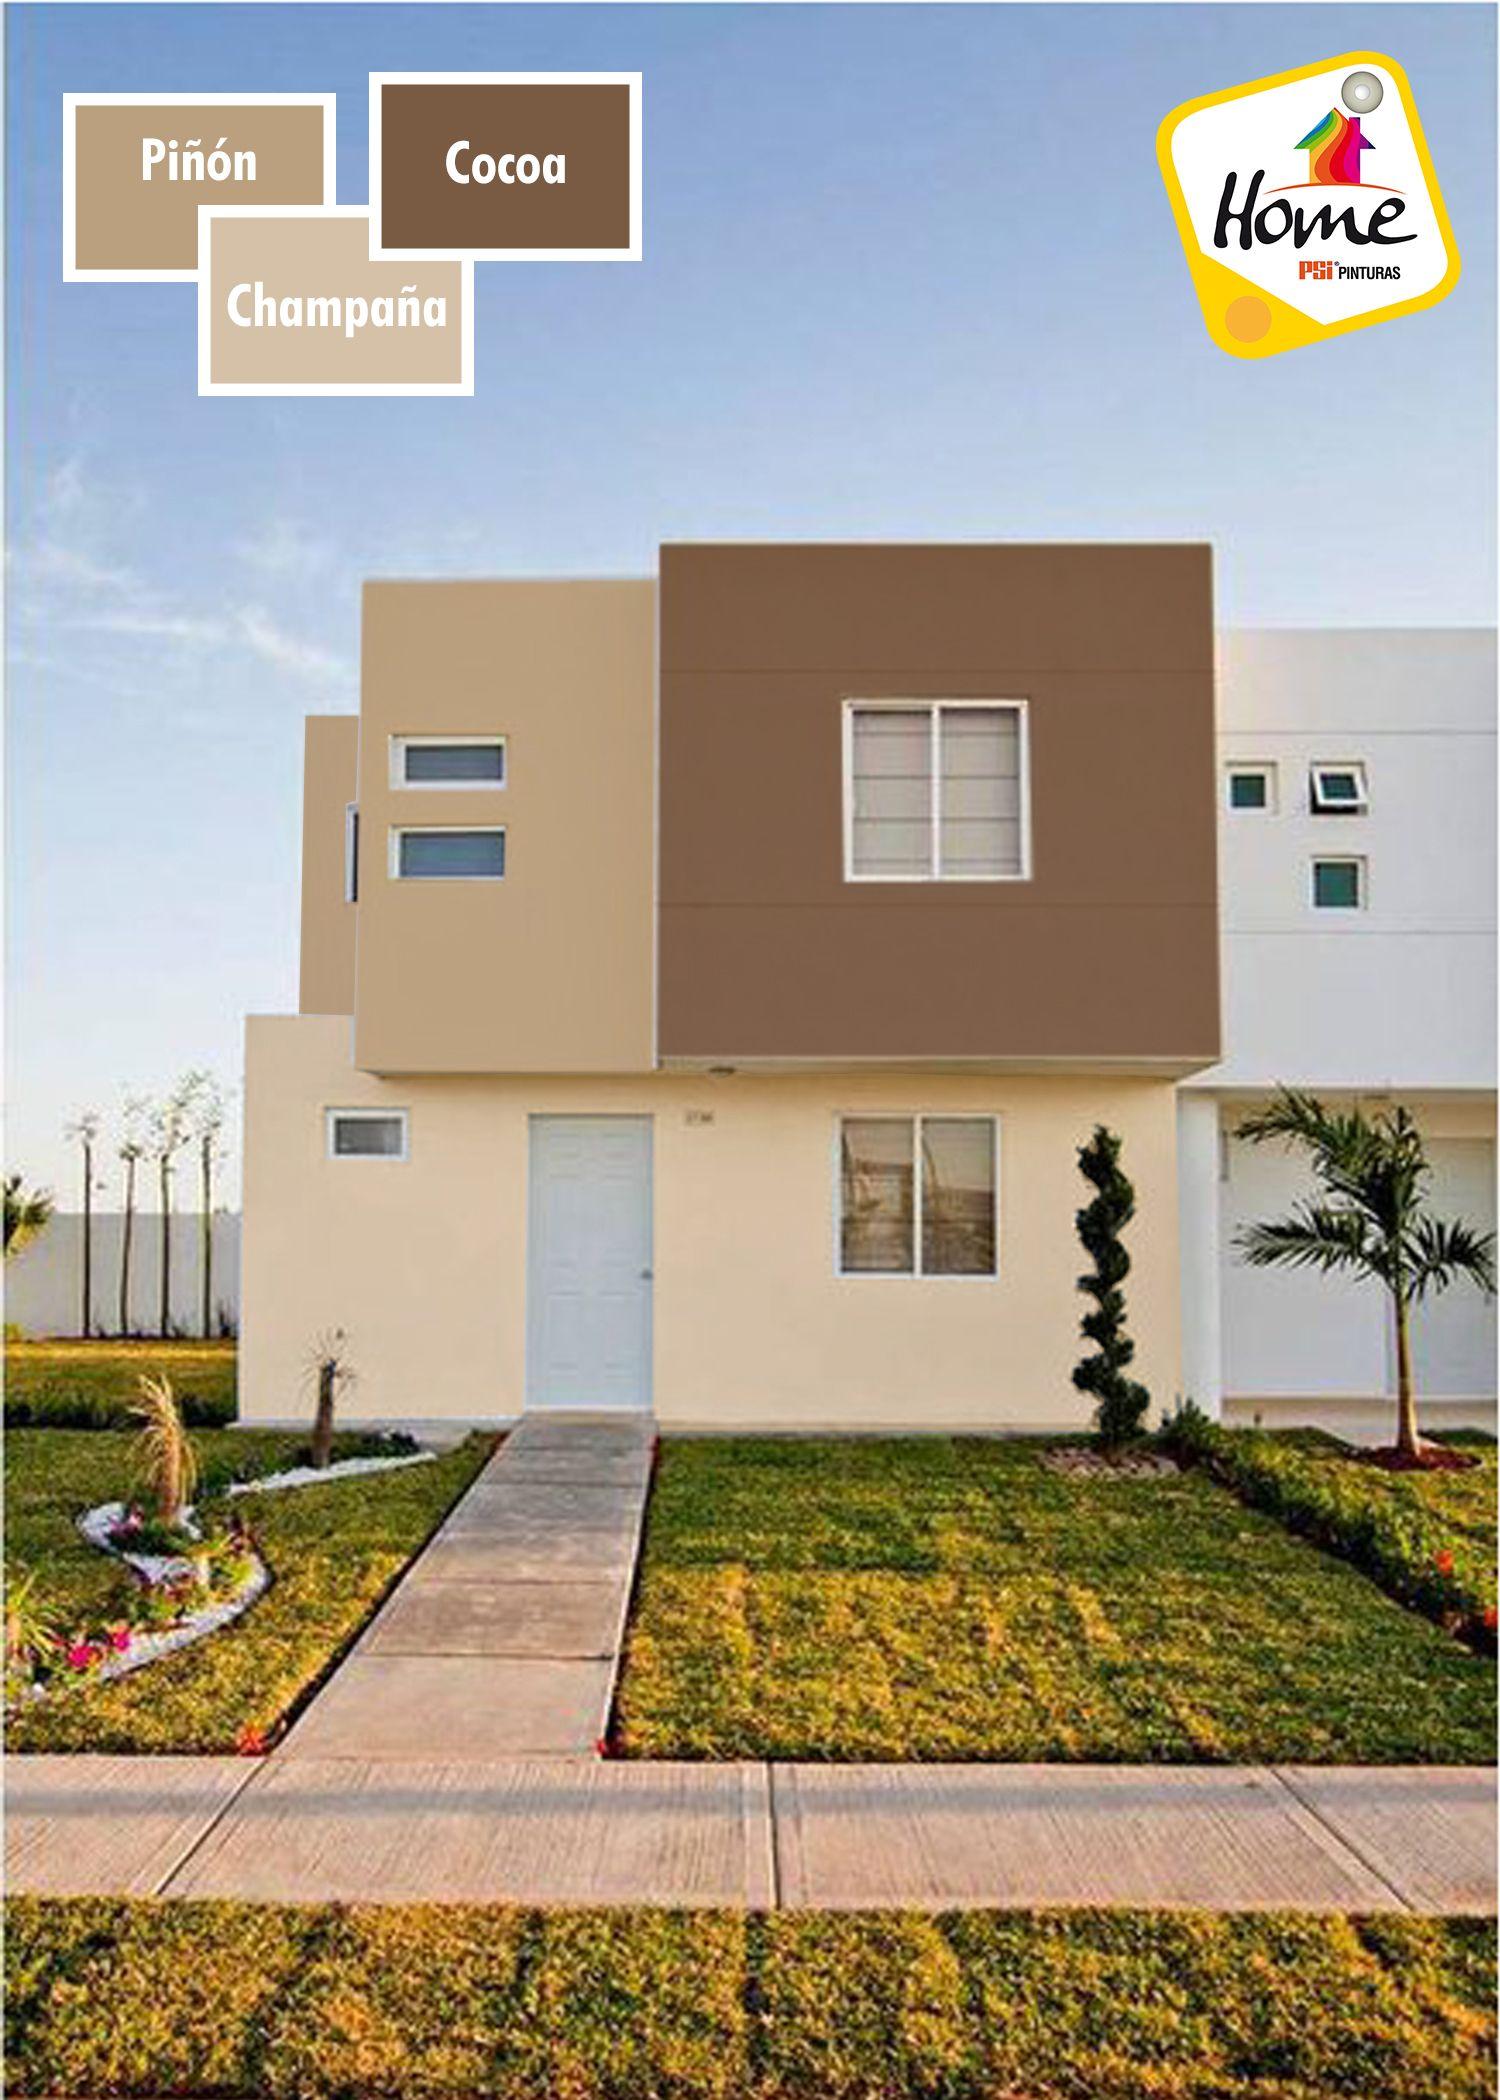 Combina Colores Tambien Puedes Hacerlo En La Fachada Pintura Fachadas De Casas Pinturas De Casas Exteriores De Casas Modernas